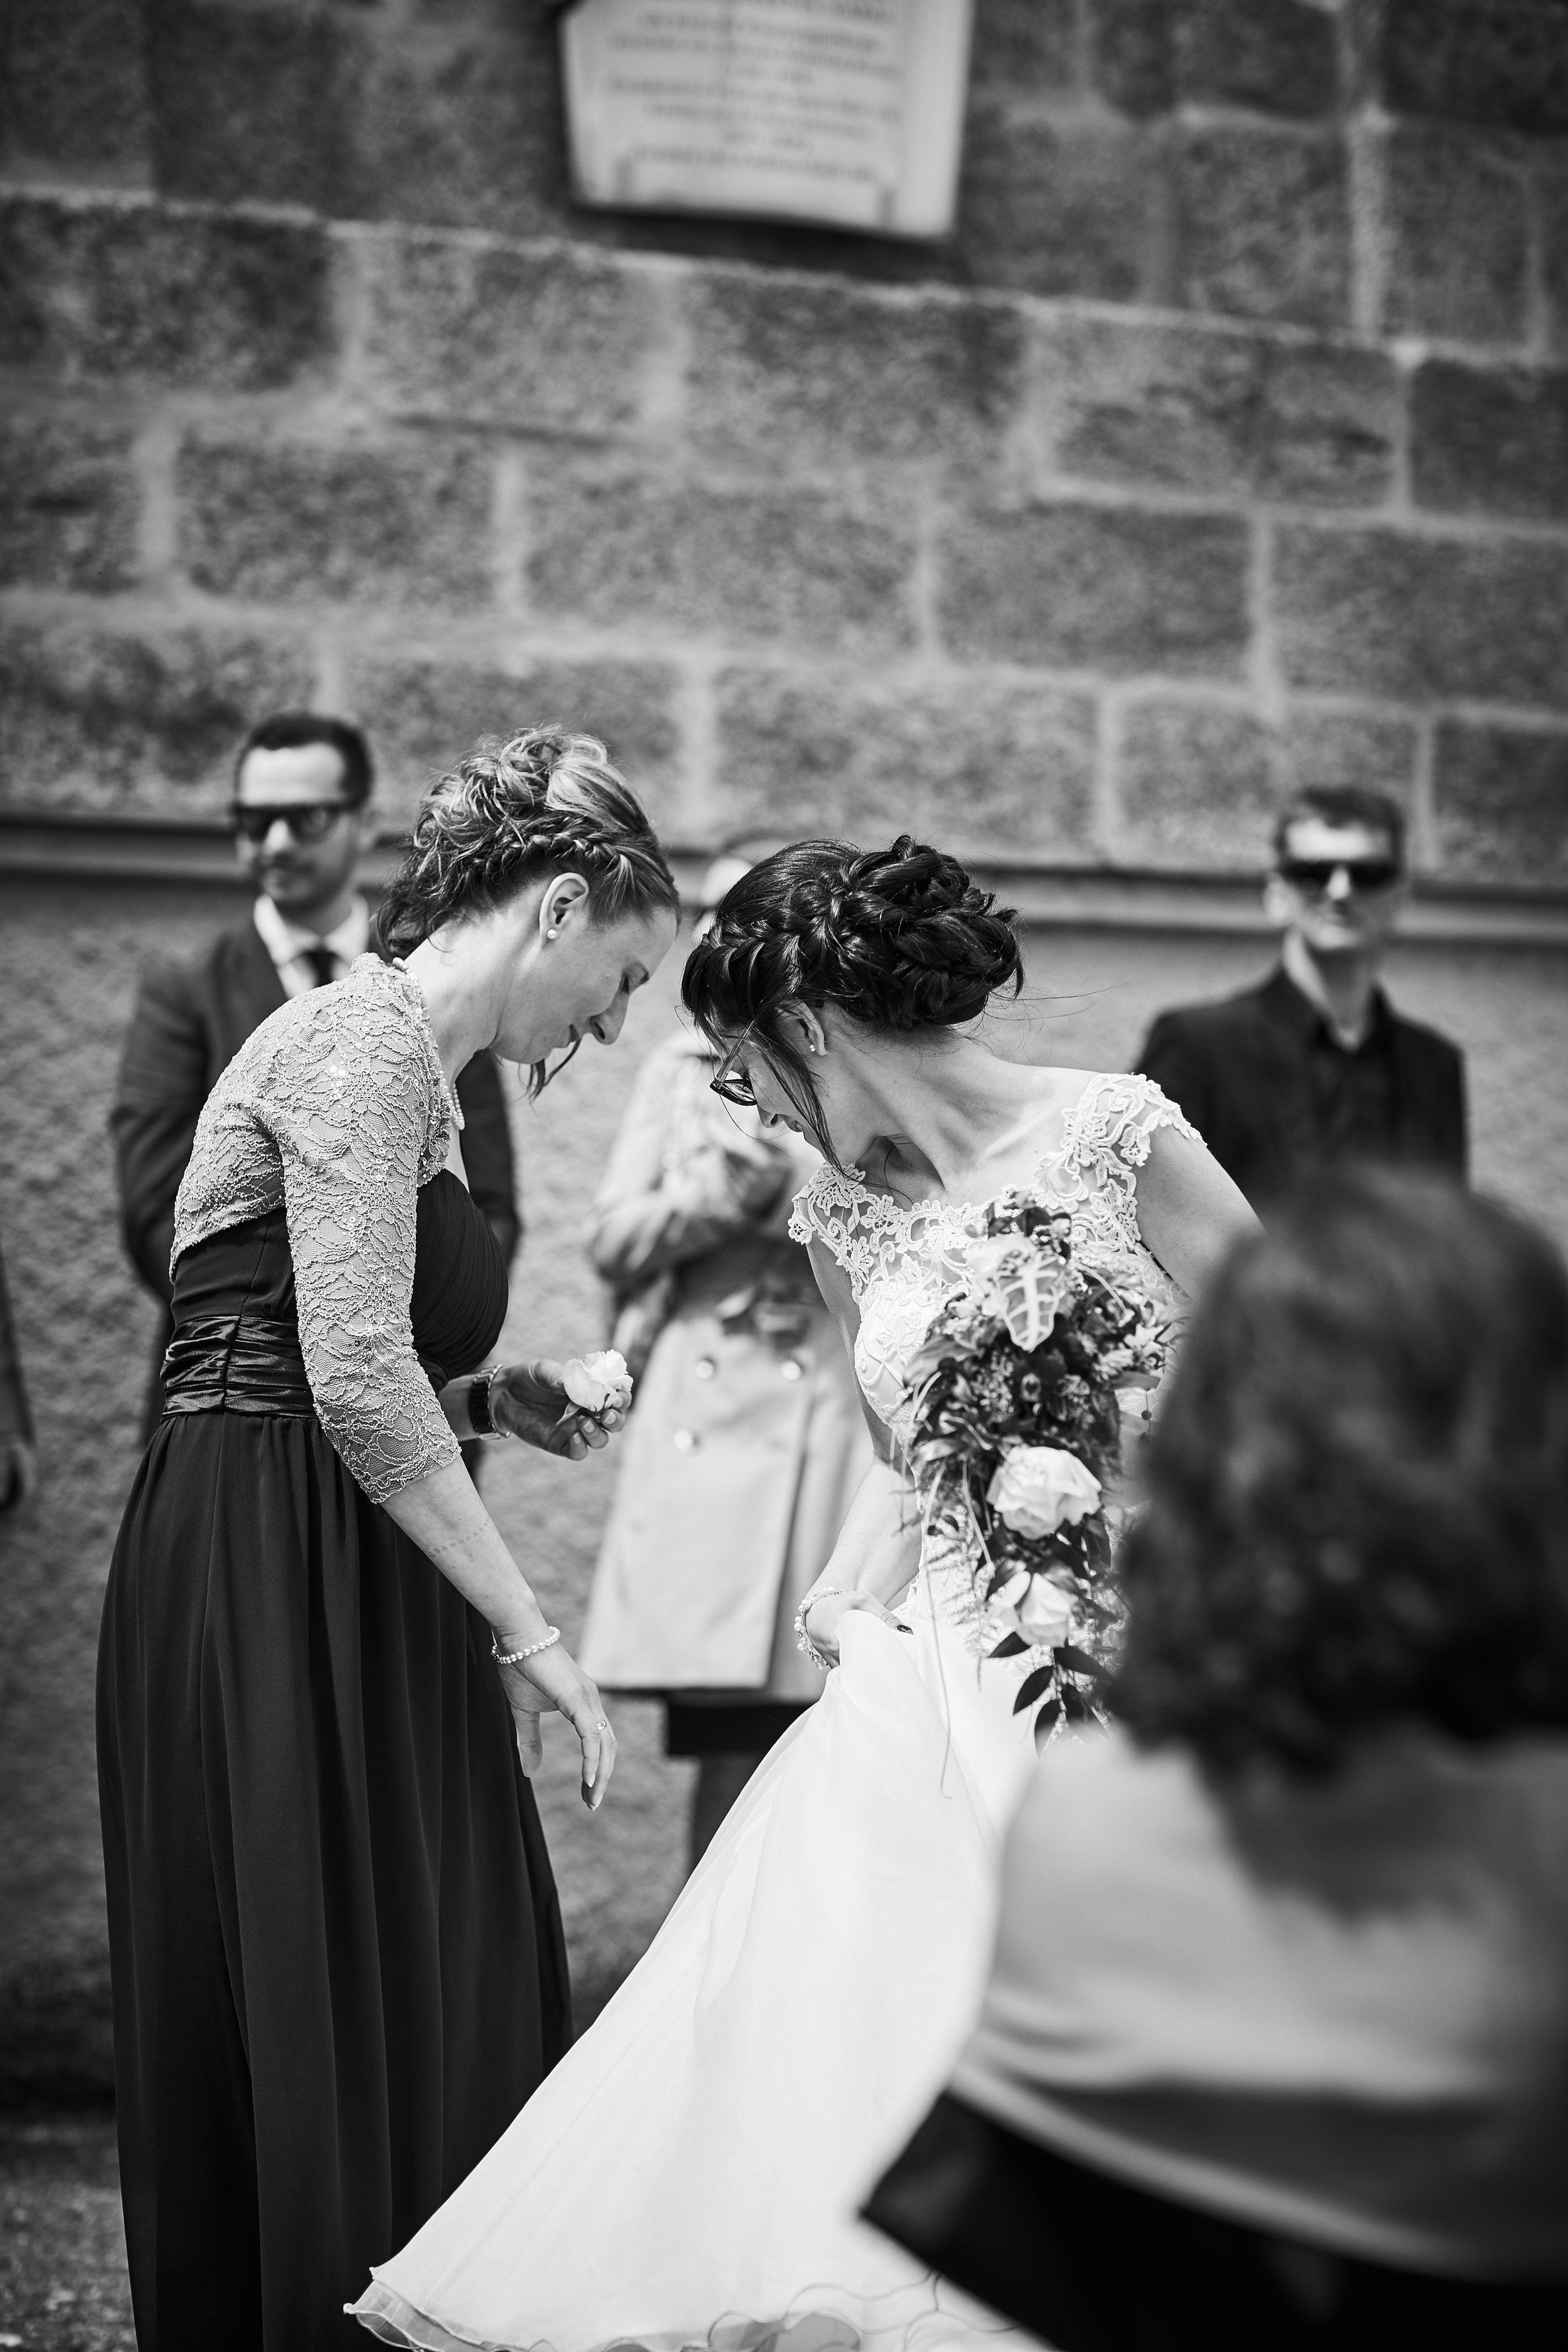 Hochzeit-Kathi-SiegiHochzeit Kathi und Siegi_31A5987.jpg